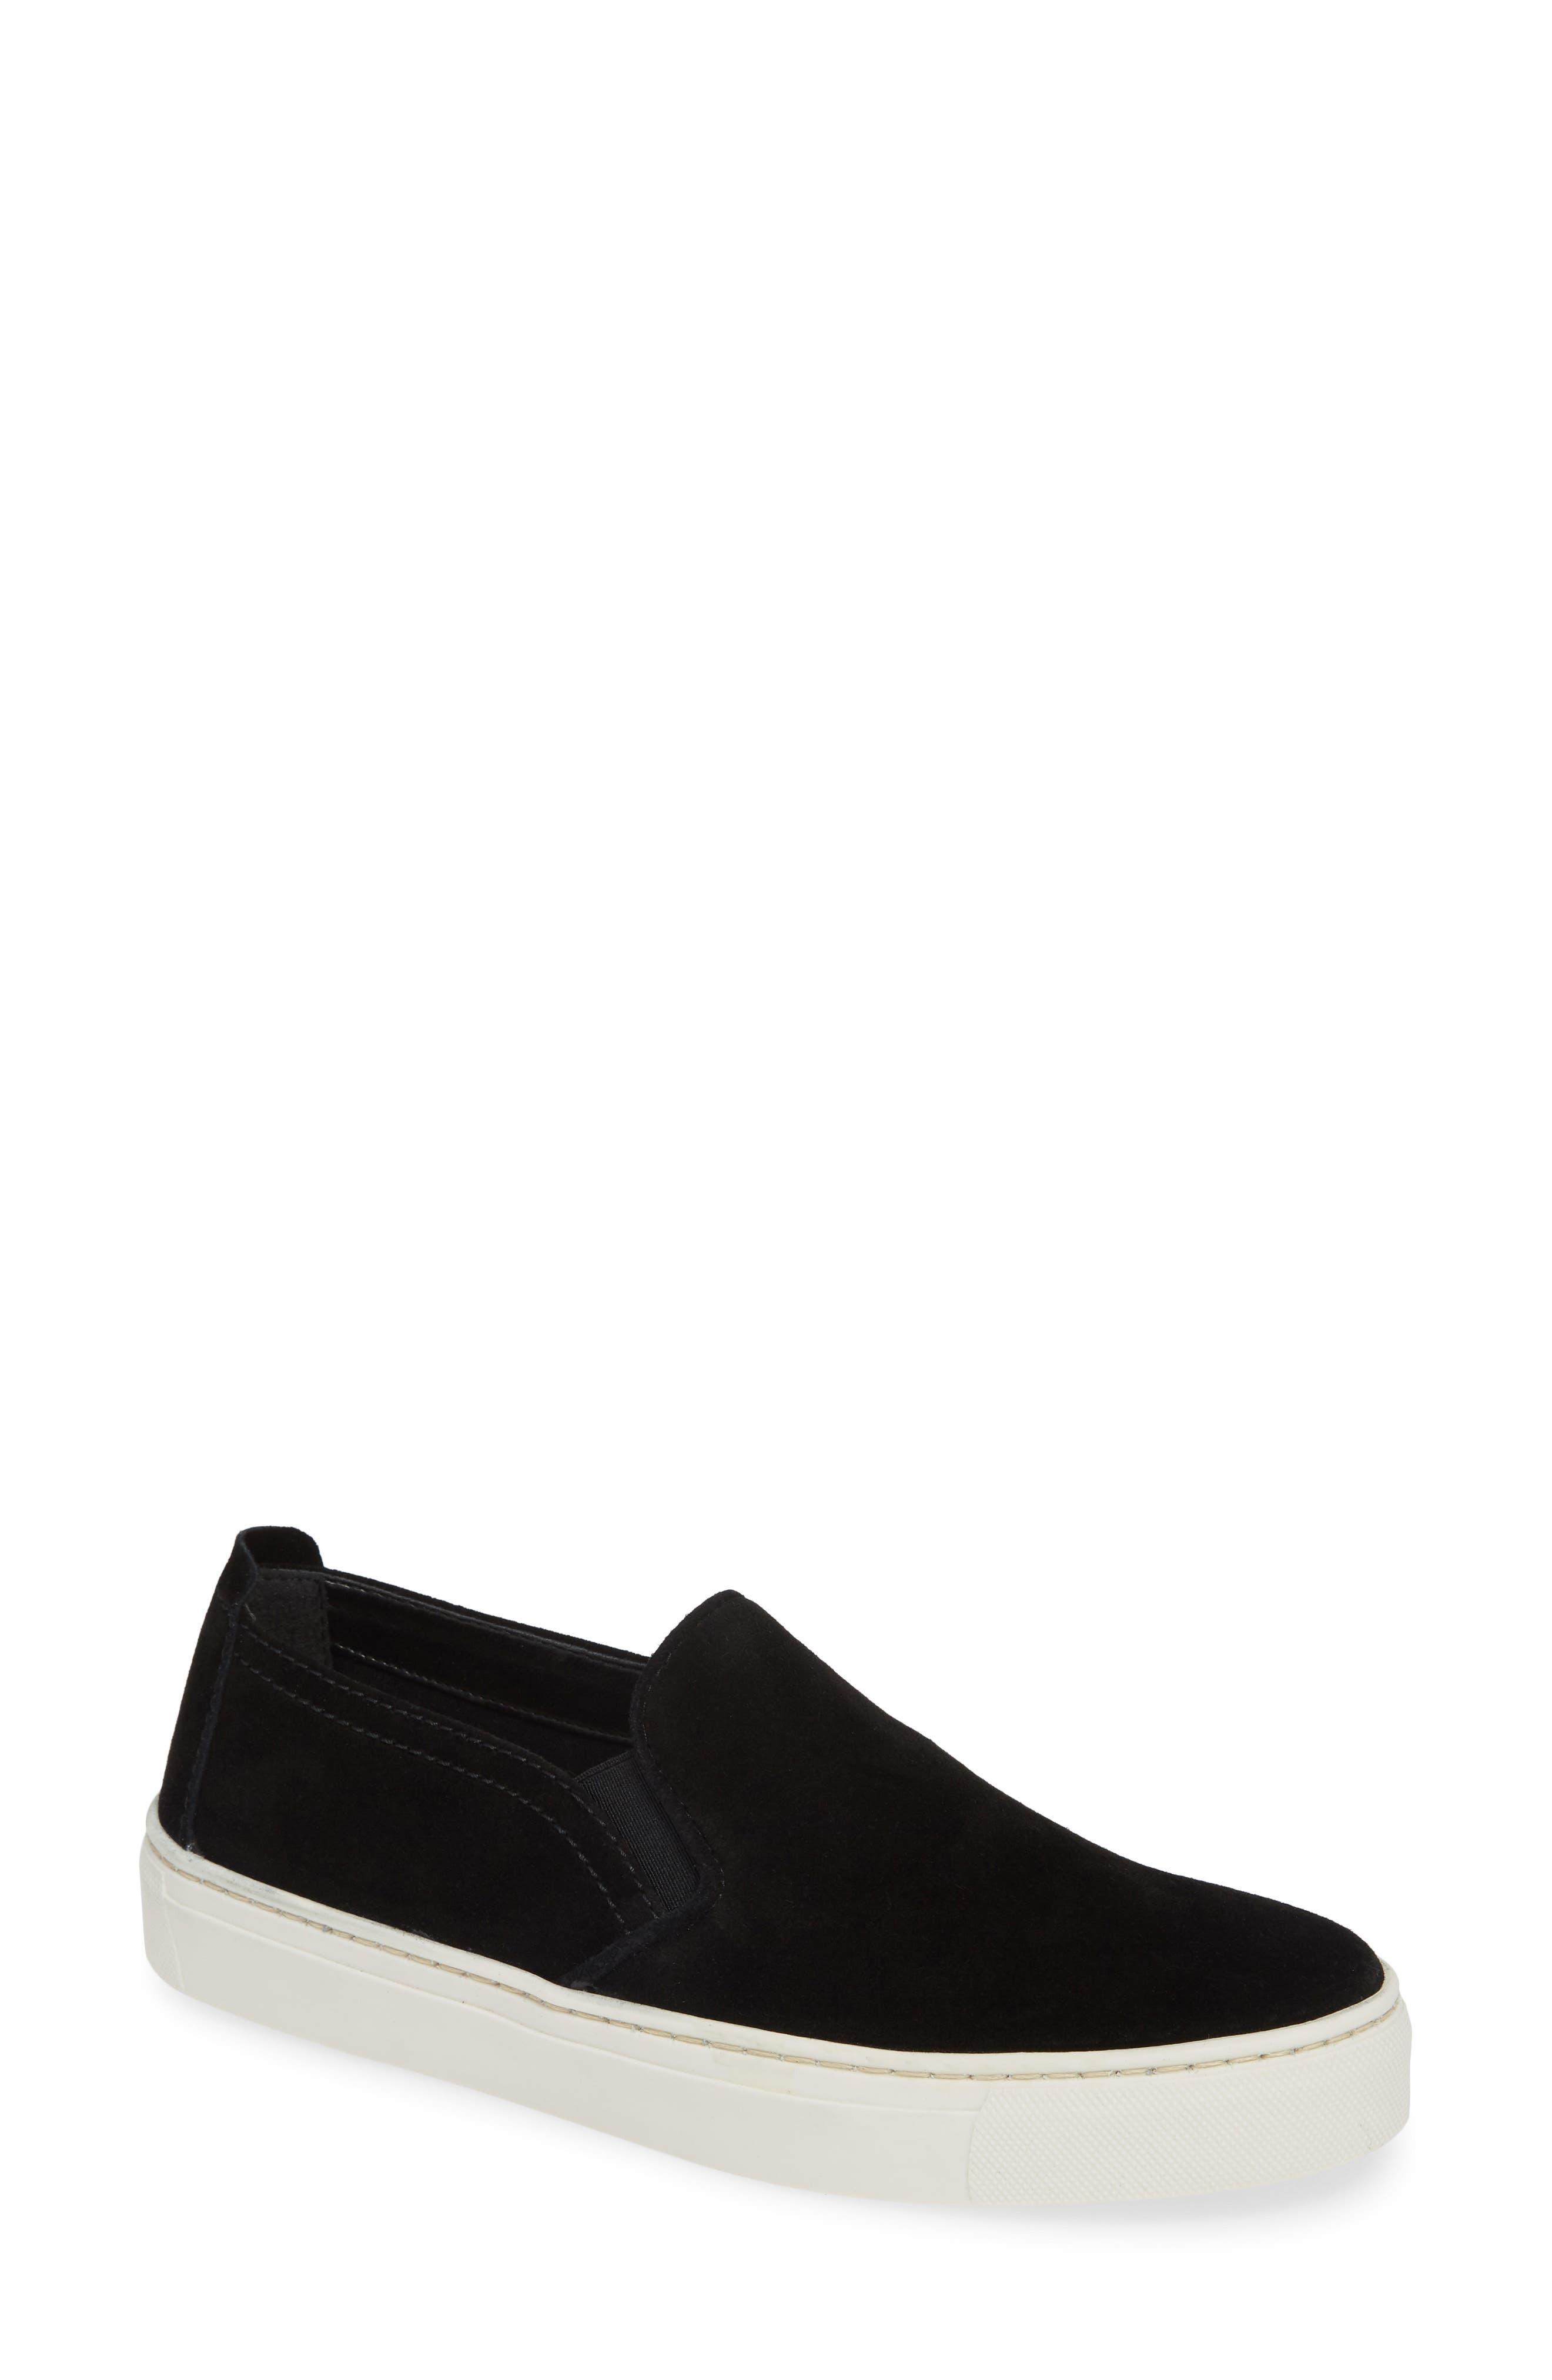 'Sneak Name' Sneaker, Main, color, BLACK WATERPROOF SUEDE